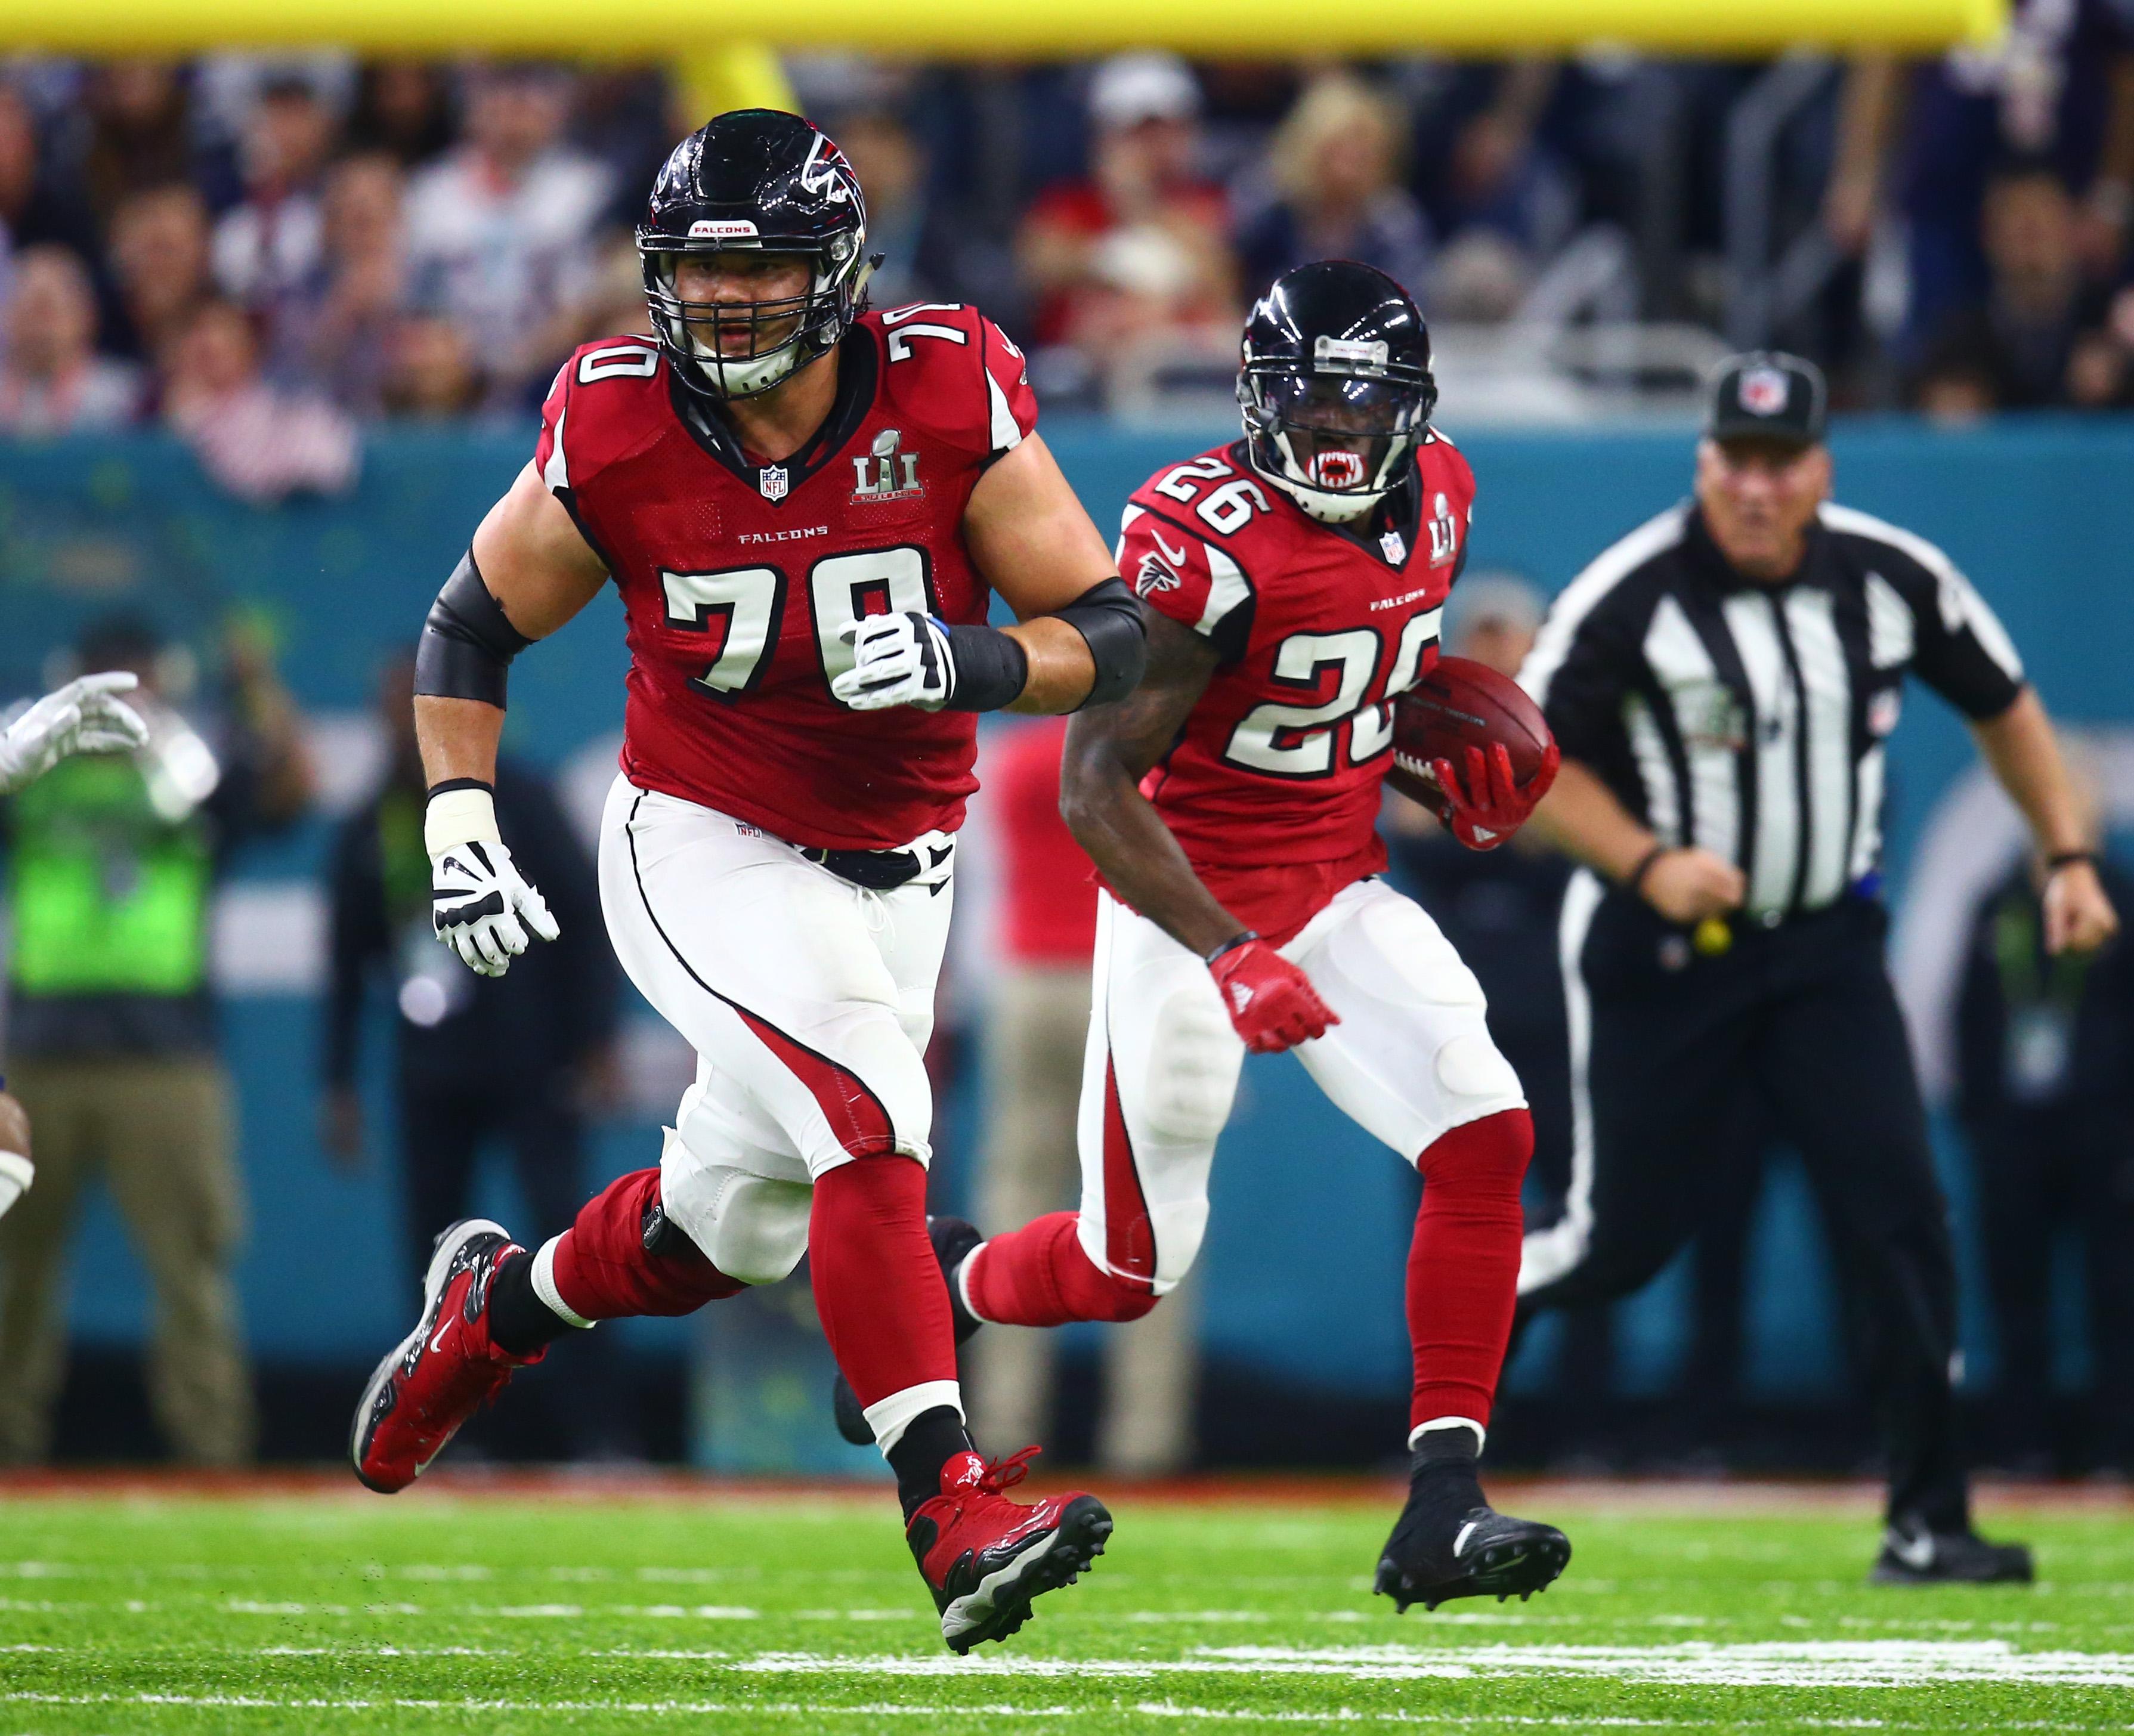 NFL: Super Bowl LI-New England Patriots vs Atlanta Falcons